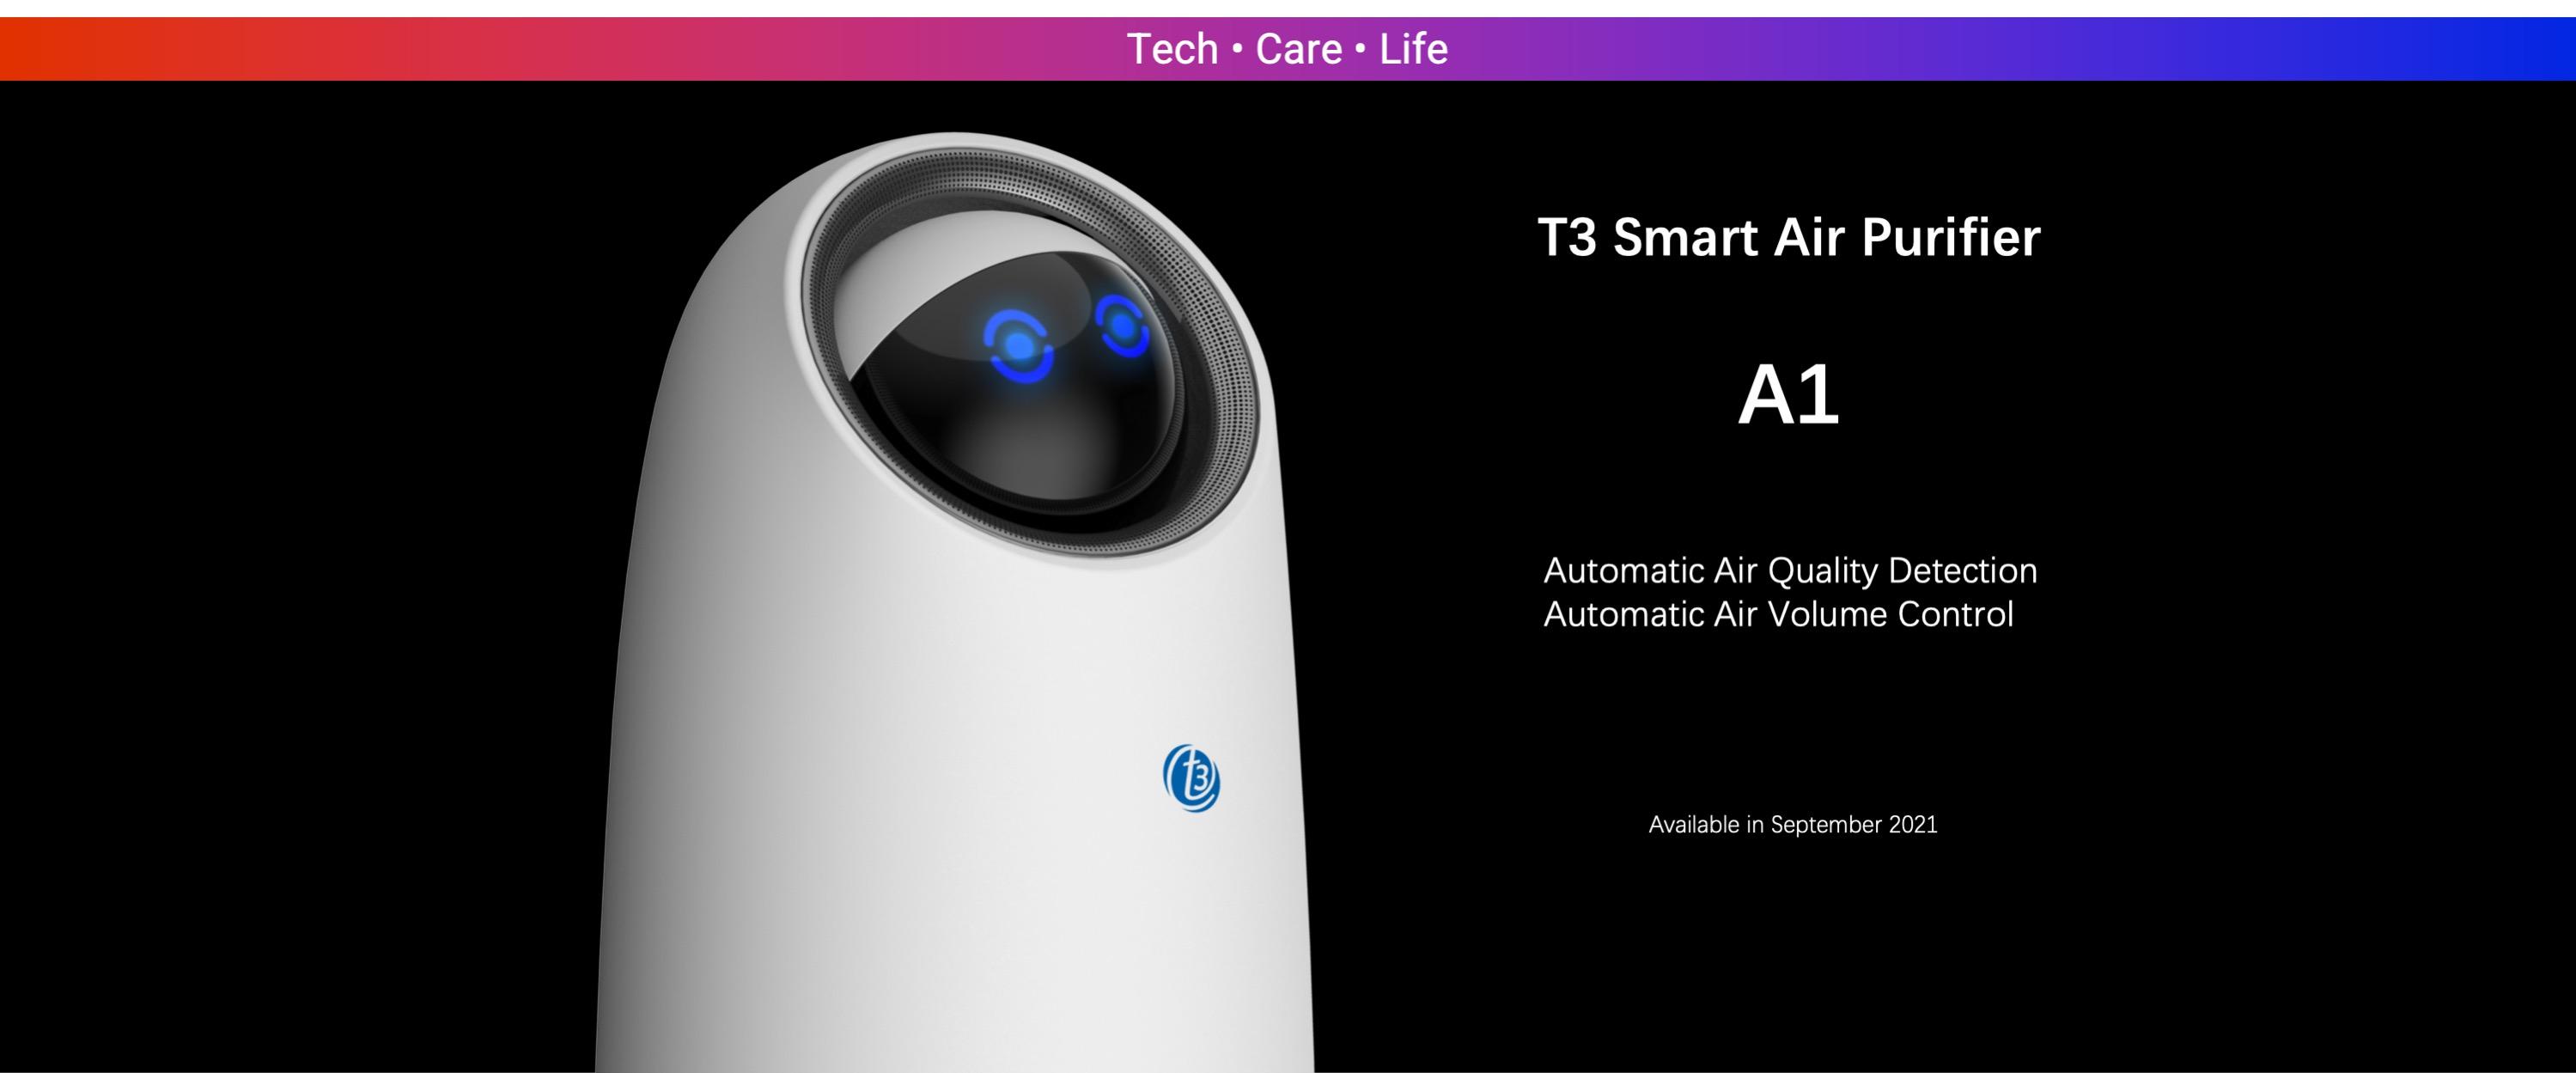 T3 Smart Air Purifier A1